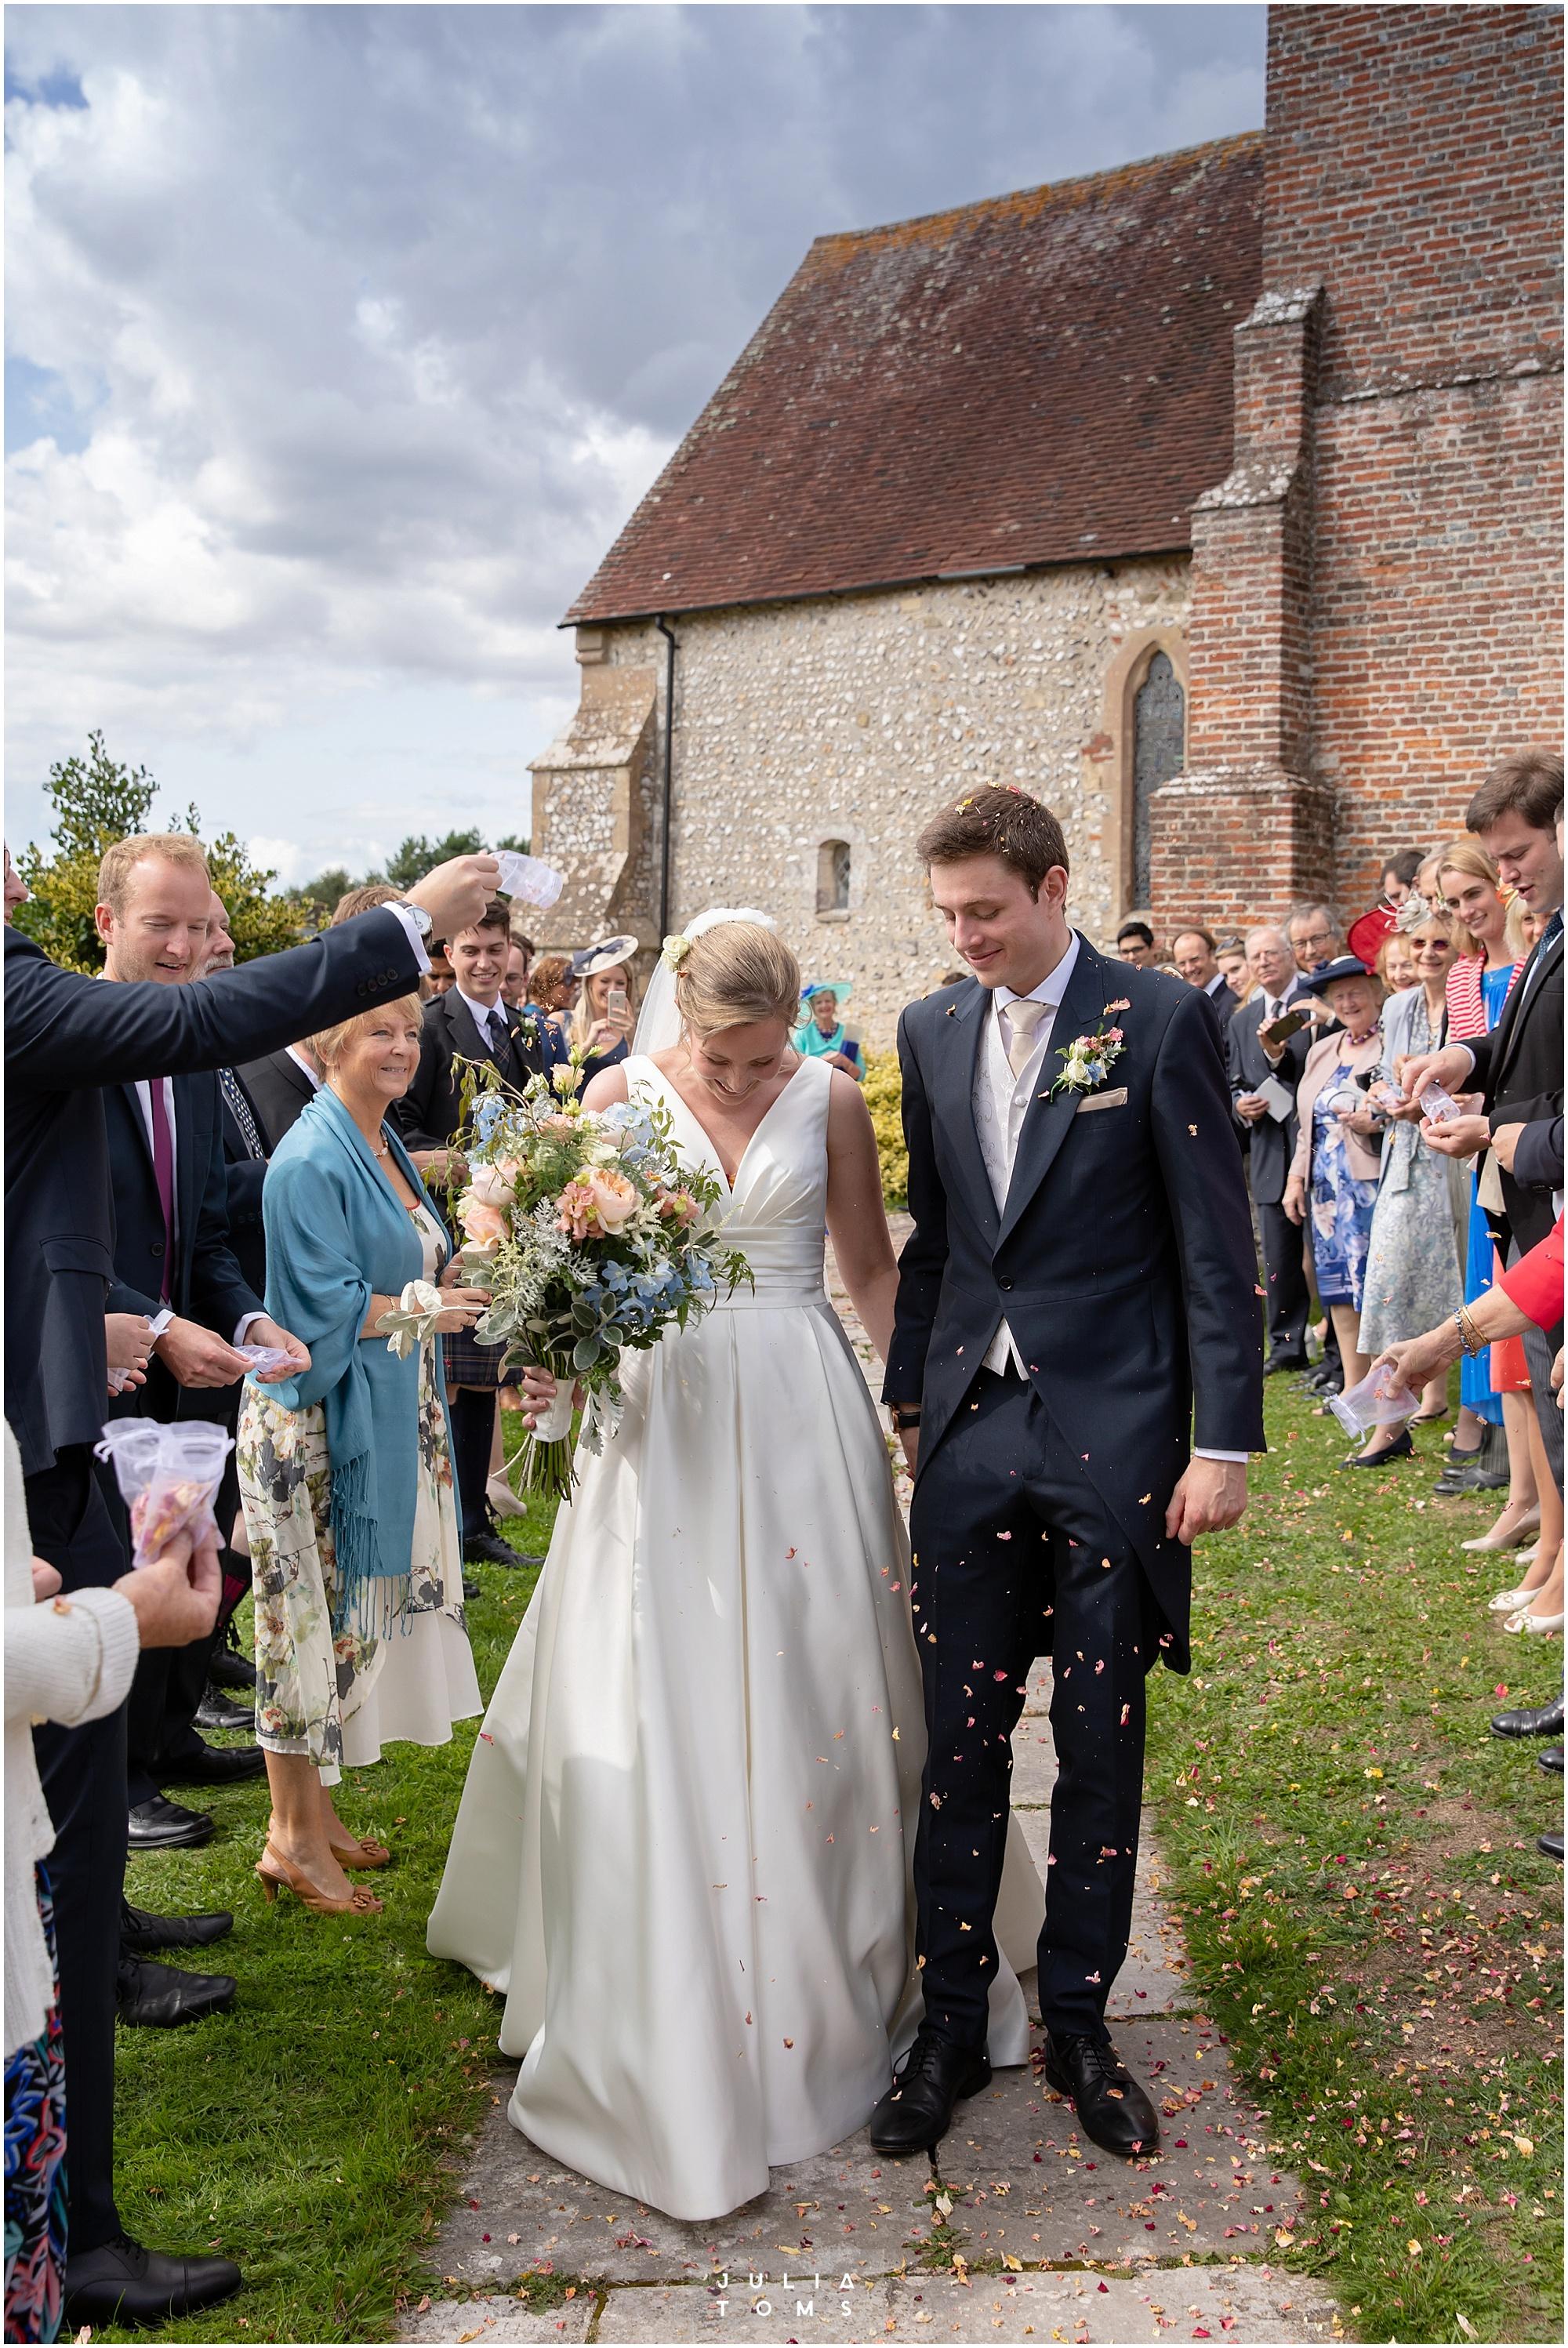 westsussex_wedding_photographer_westdean_068.jpg